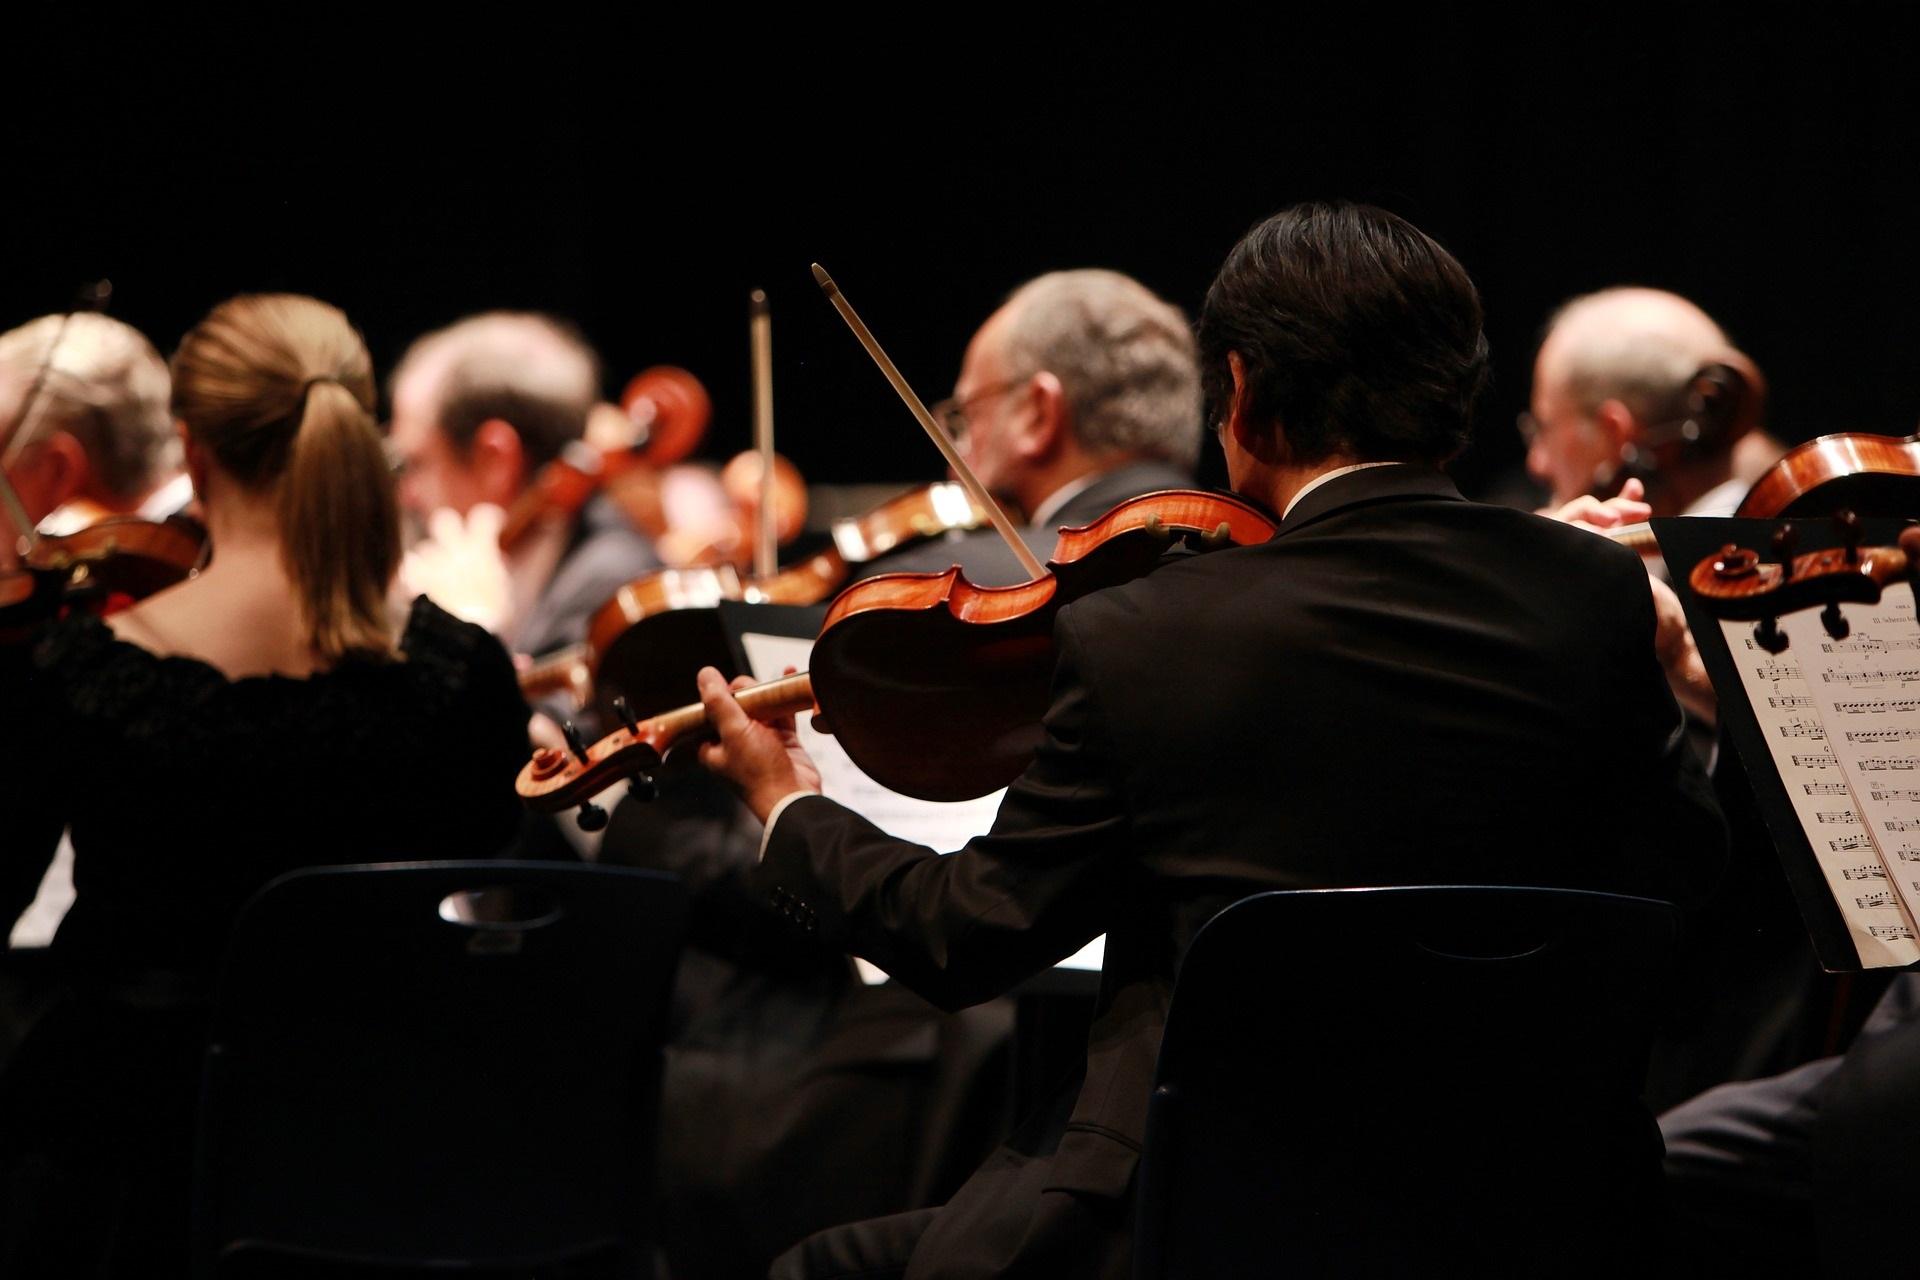 Mit GEZ-Zwangsgebühren finanziert: Orchester macht Musik gegen alte weiße Senioren